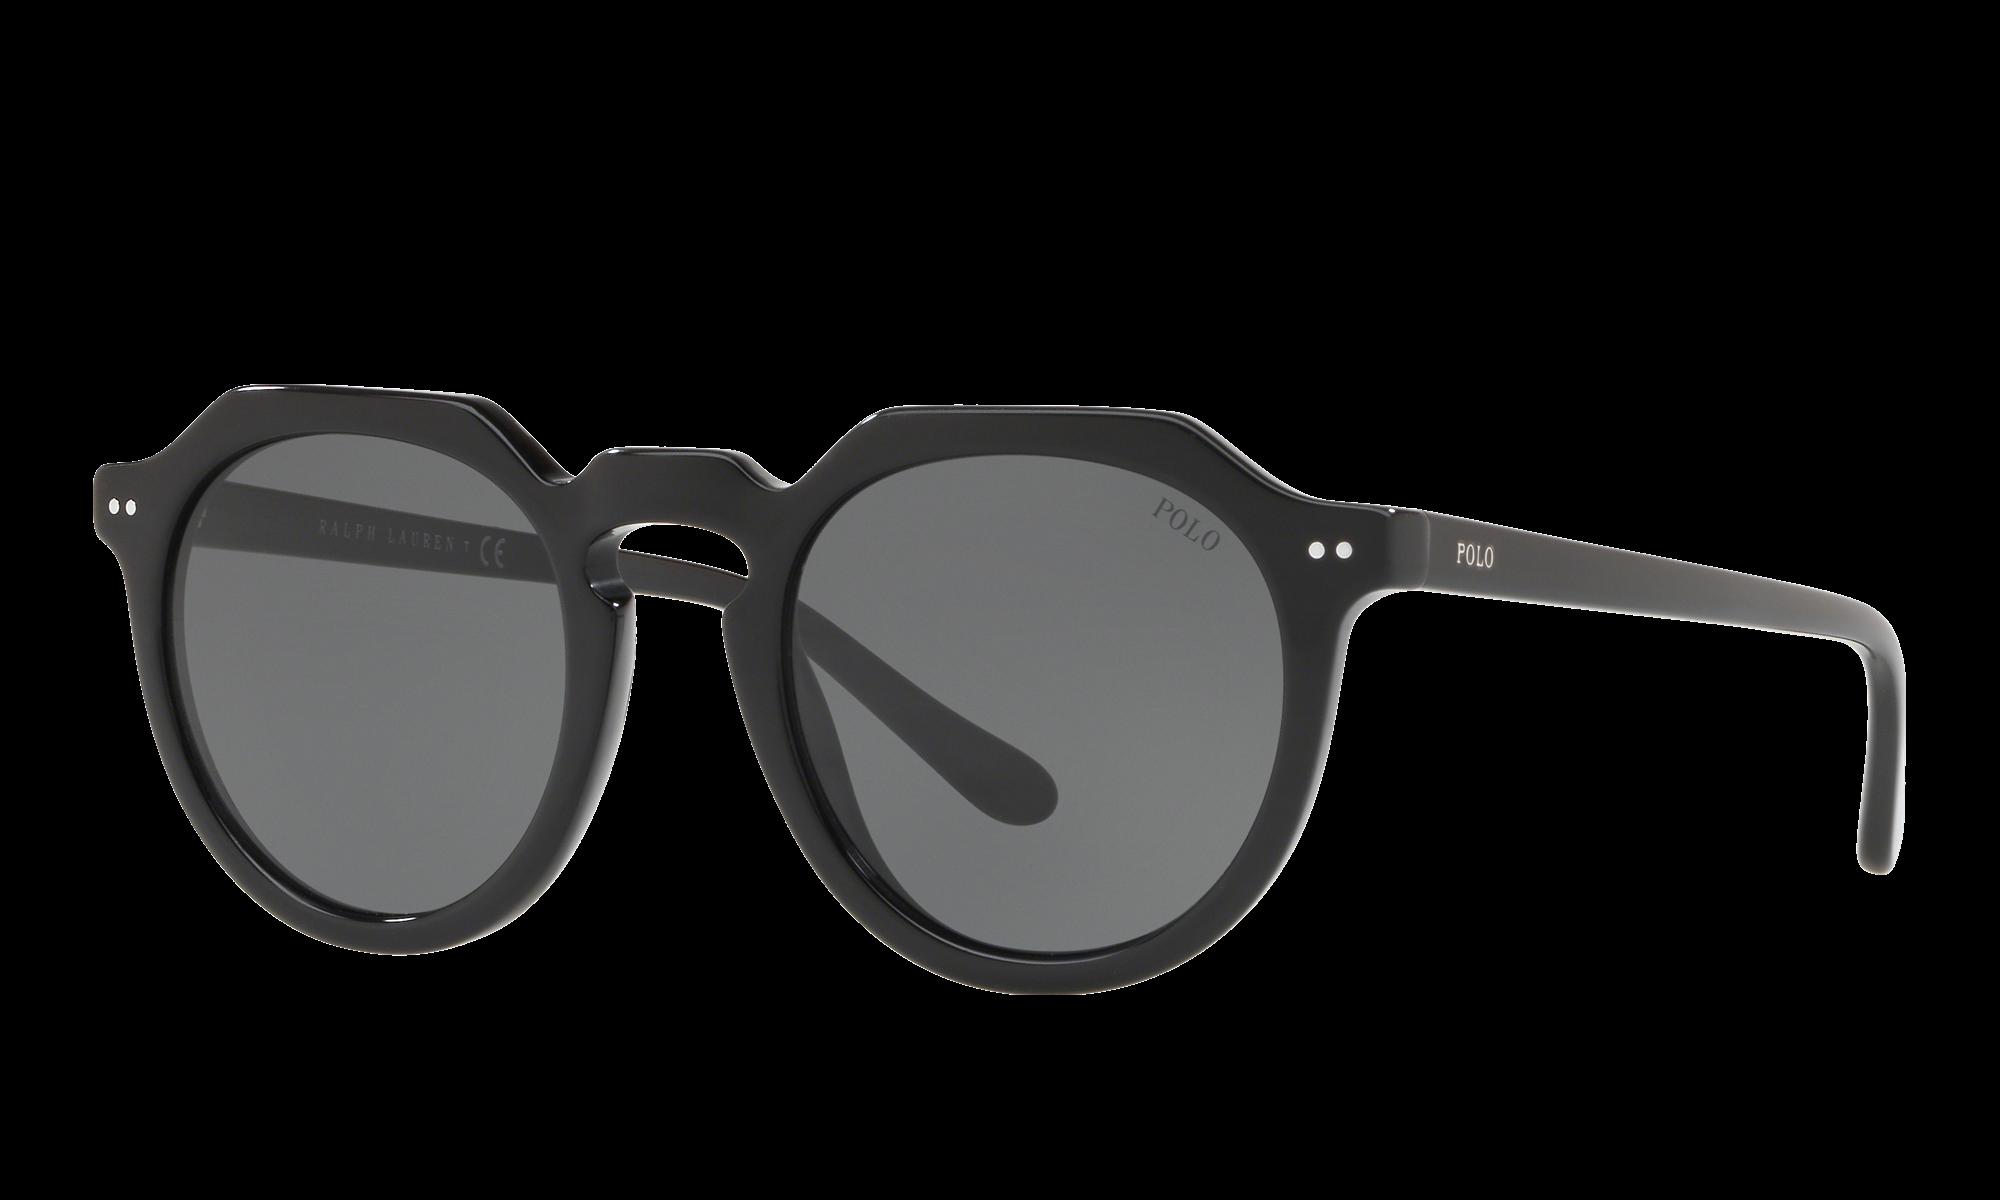 1930s Men's Eye Glasses and Sunglasses Styles Polo Ralph Lauren Unisex Ph4138 Black Size Standard $79.00 AT vintagedancer.com